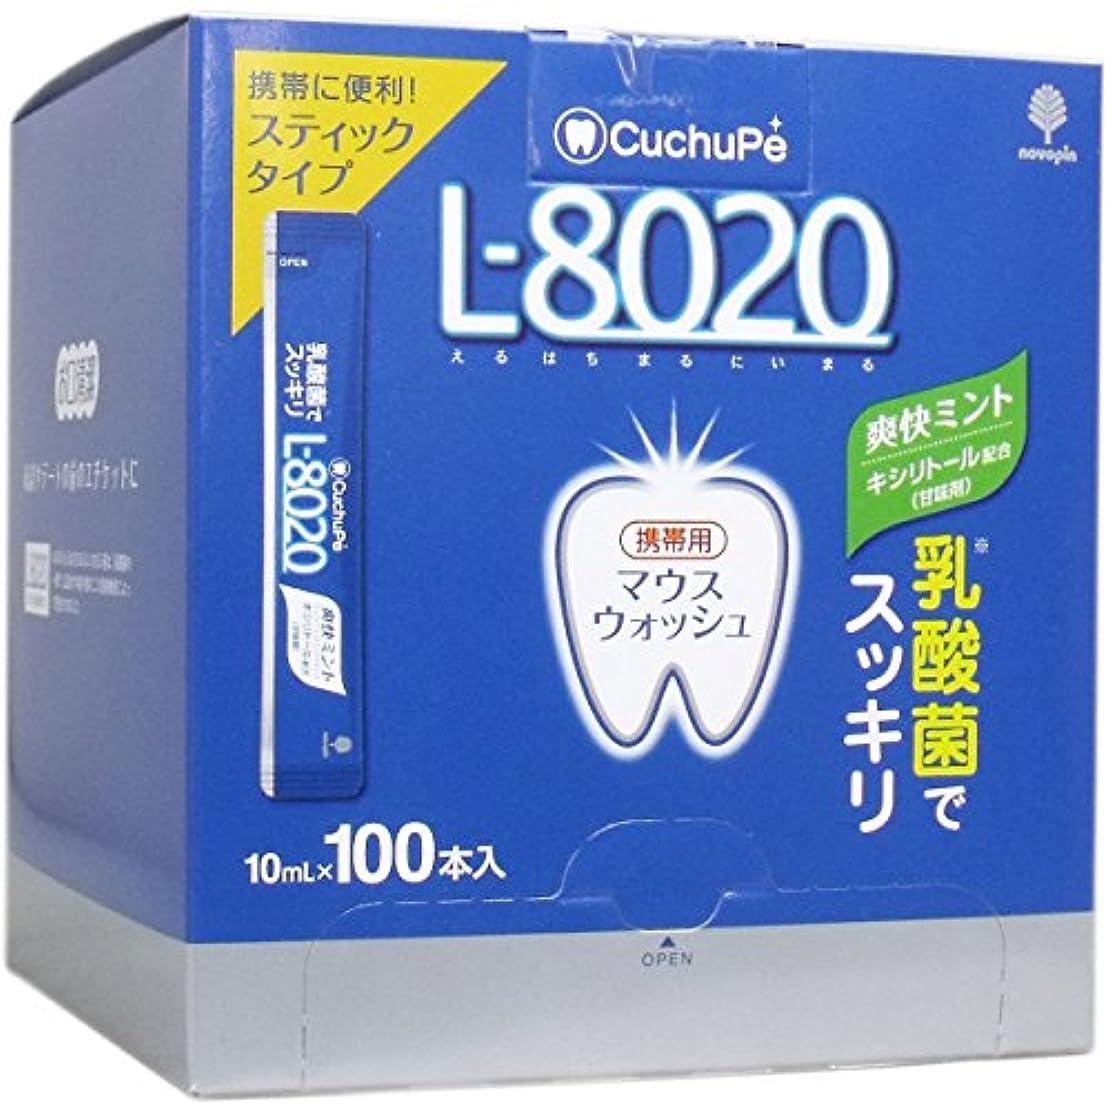 気になる転送ブレーククチュッペ L-8020 マウスウォッシュ 爽快ミント スティックタイプ 100本入